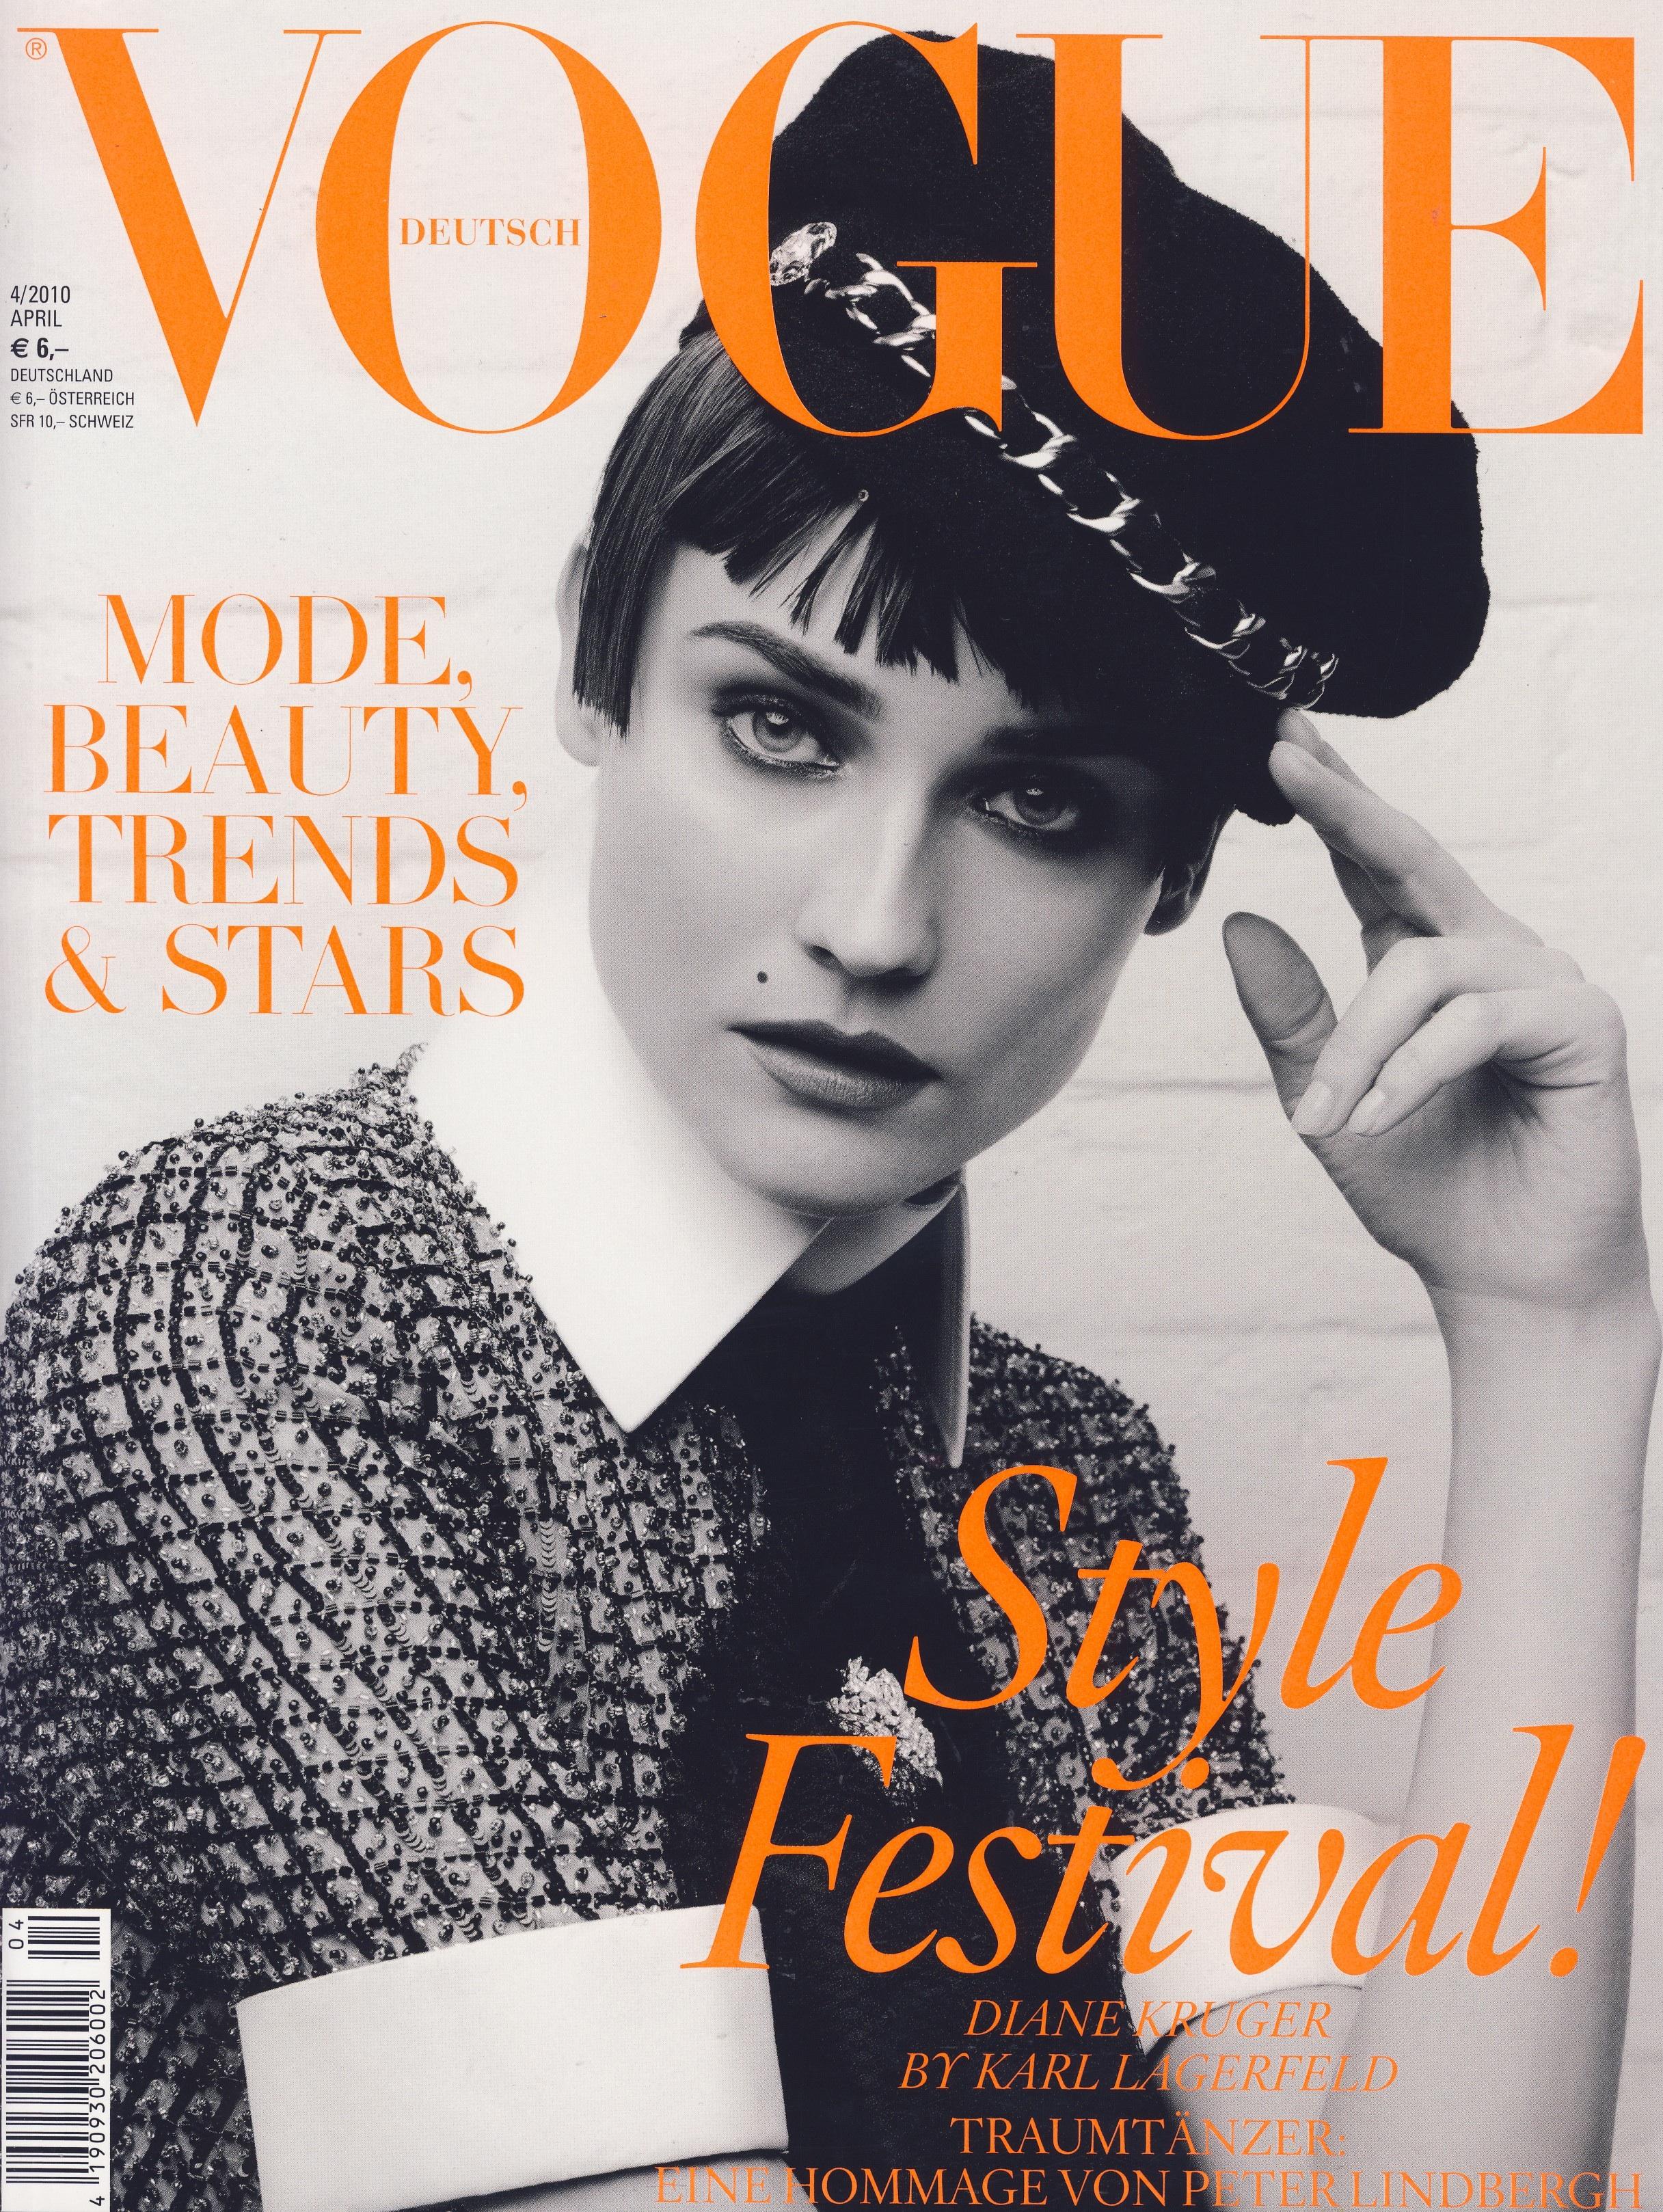 VOGUE-Cover-4-2010.jpg